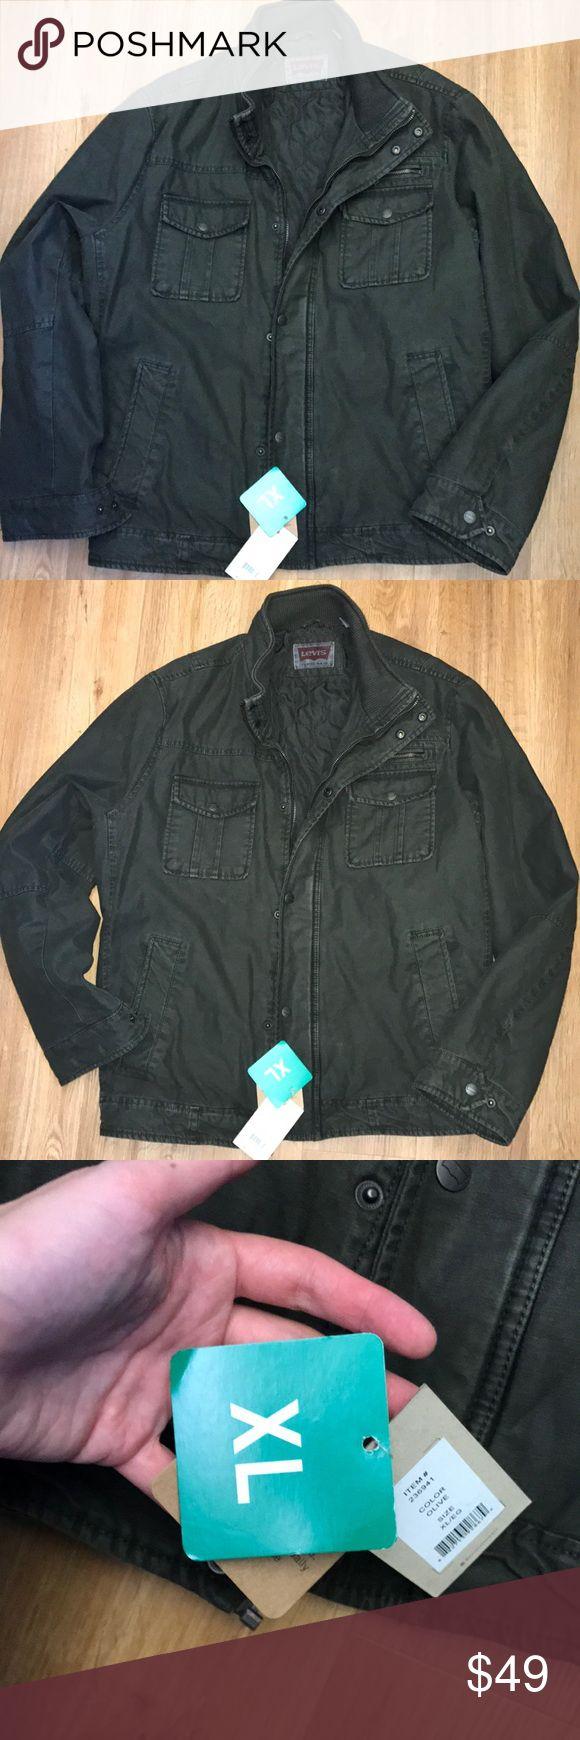 New Levi's men's Parka jacket size Xl New Levi's jacket size Xl Levis Jackets & Coats Military & Field